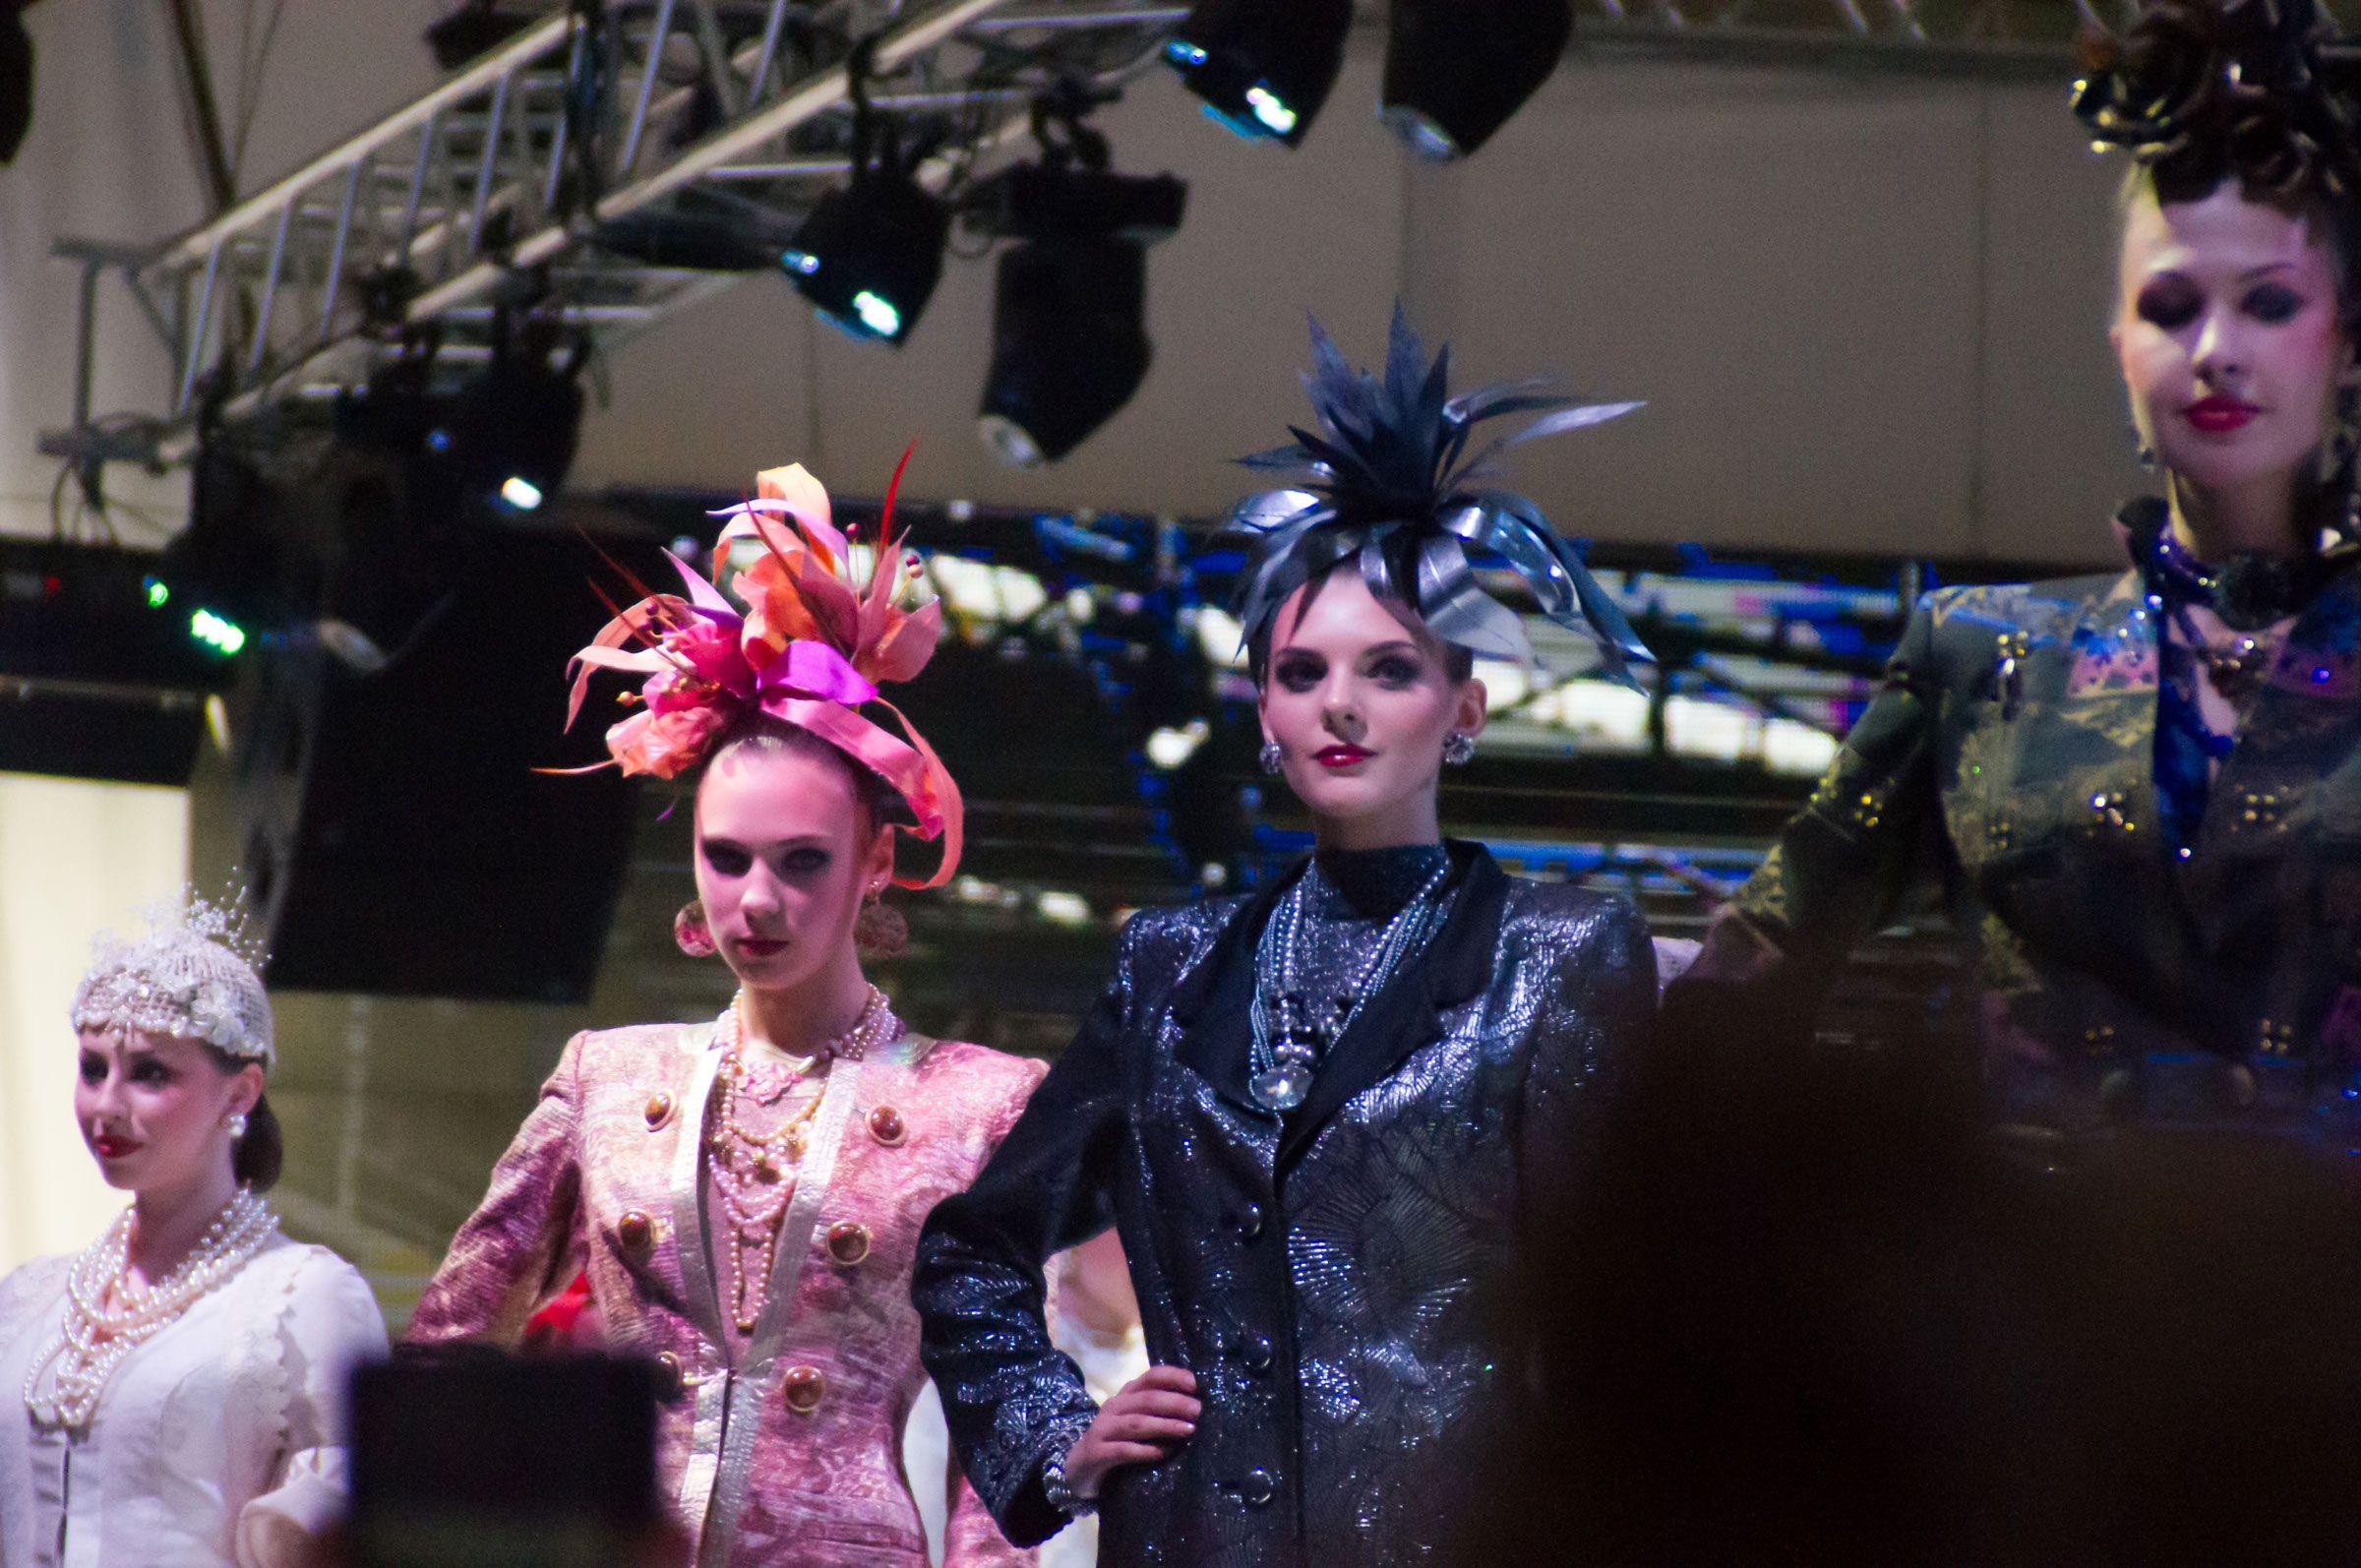 Студенты кафедры дизайна и искусств приняли участие в подготовке Недели Моды и Стиля во Владивостоке